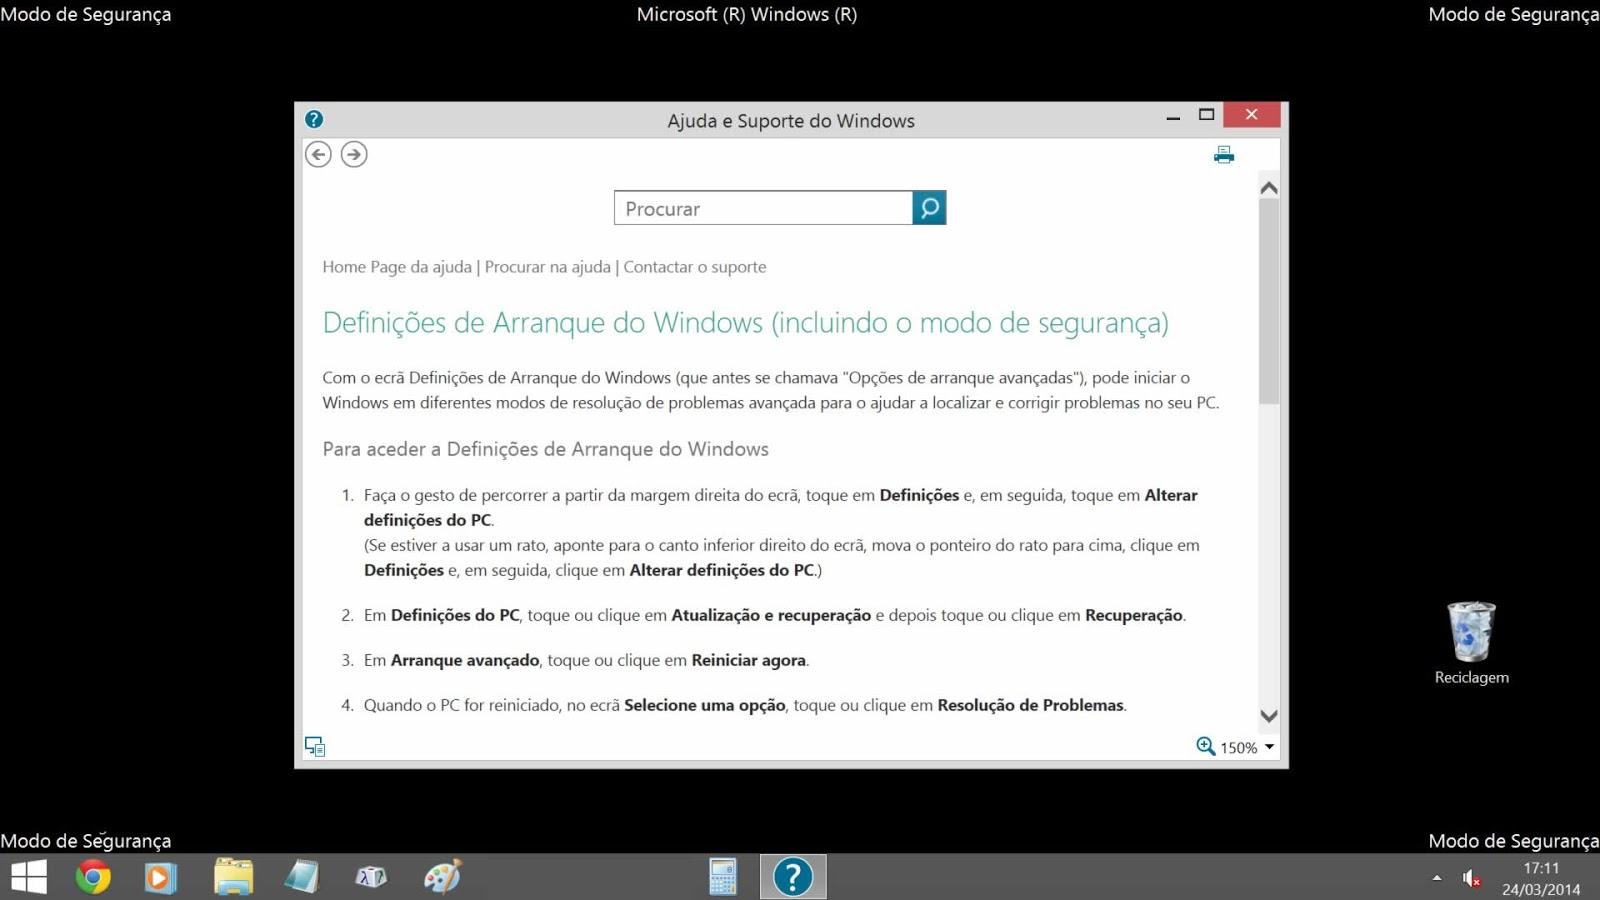 Modo de Seguranca Windows